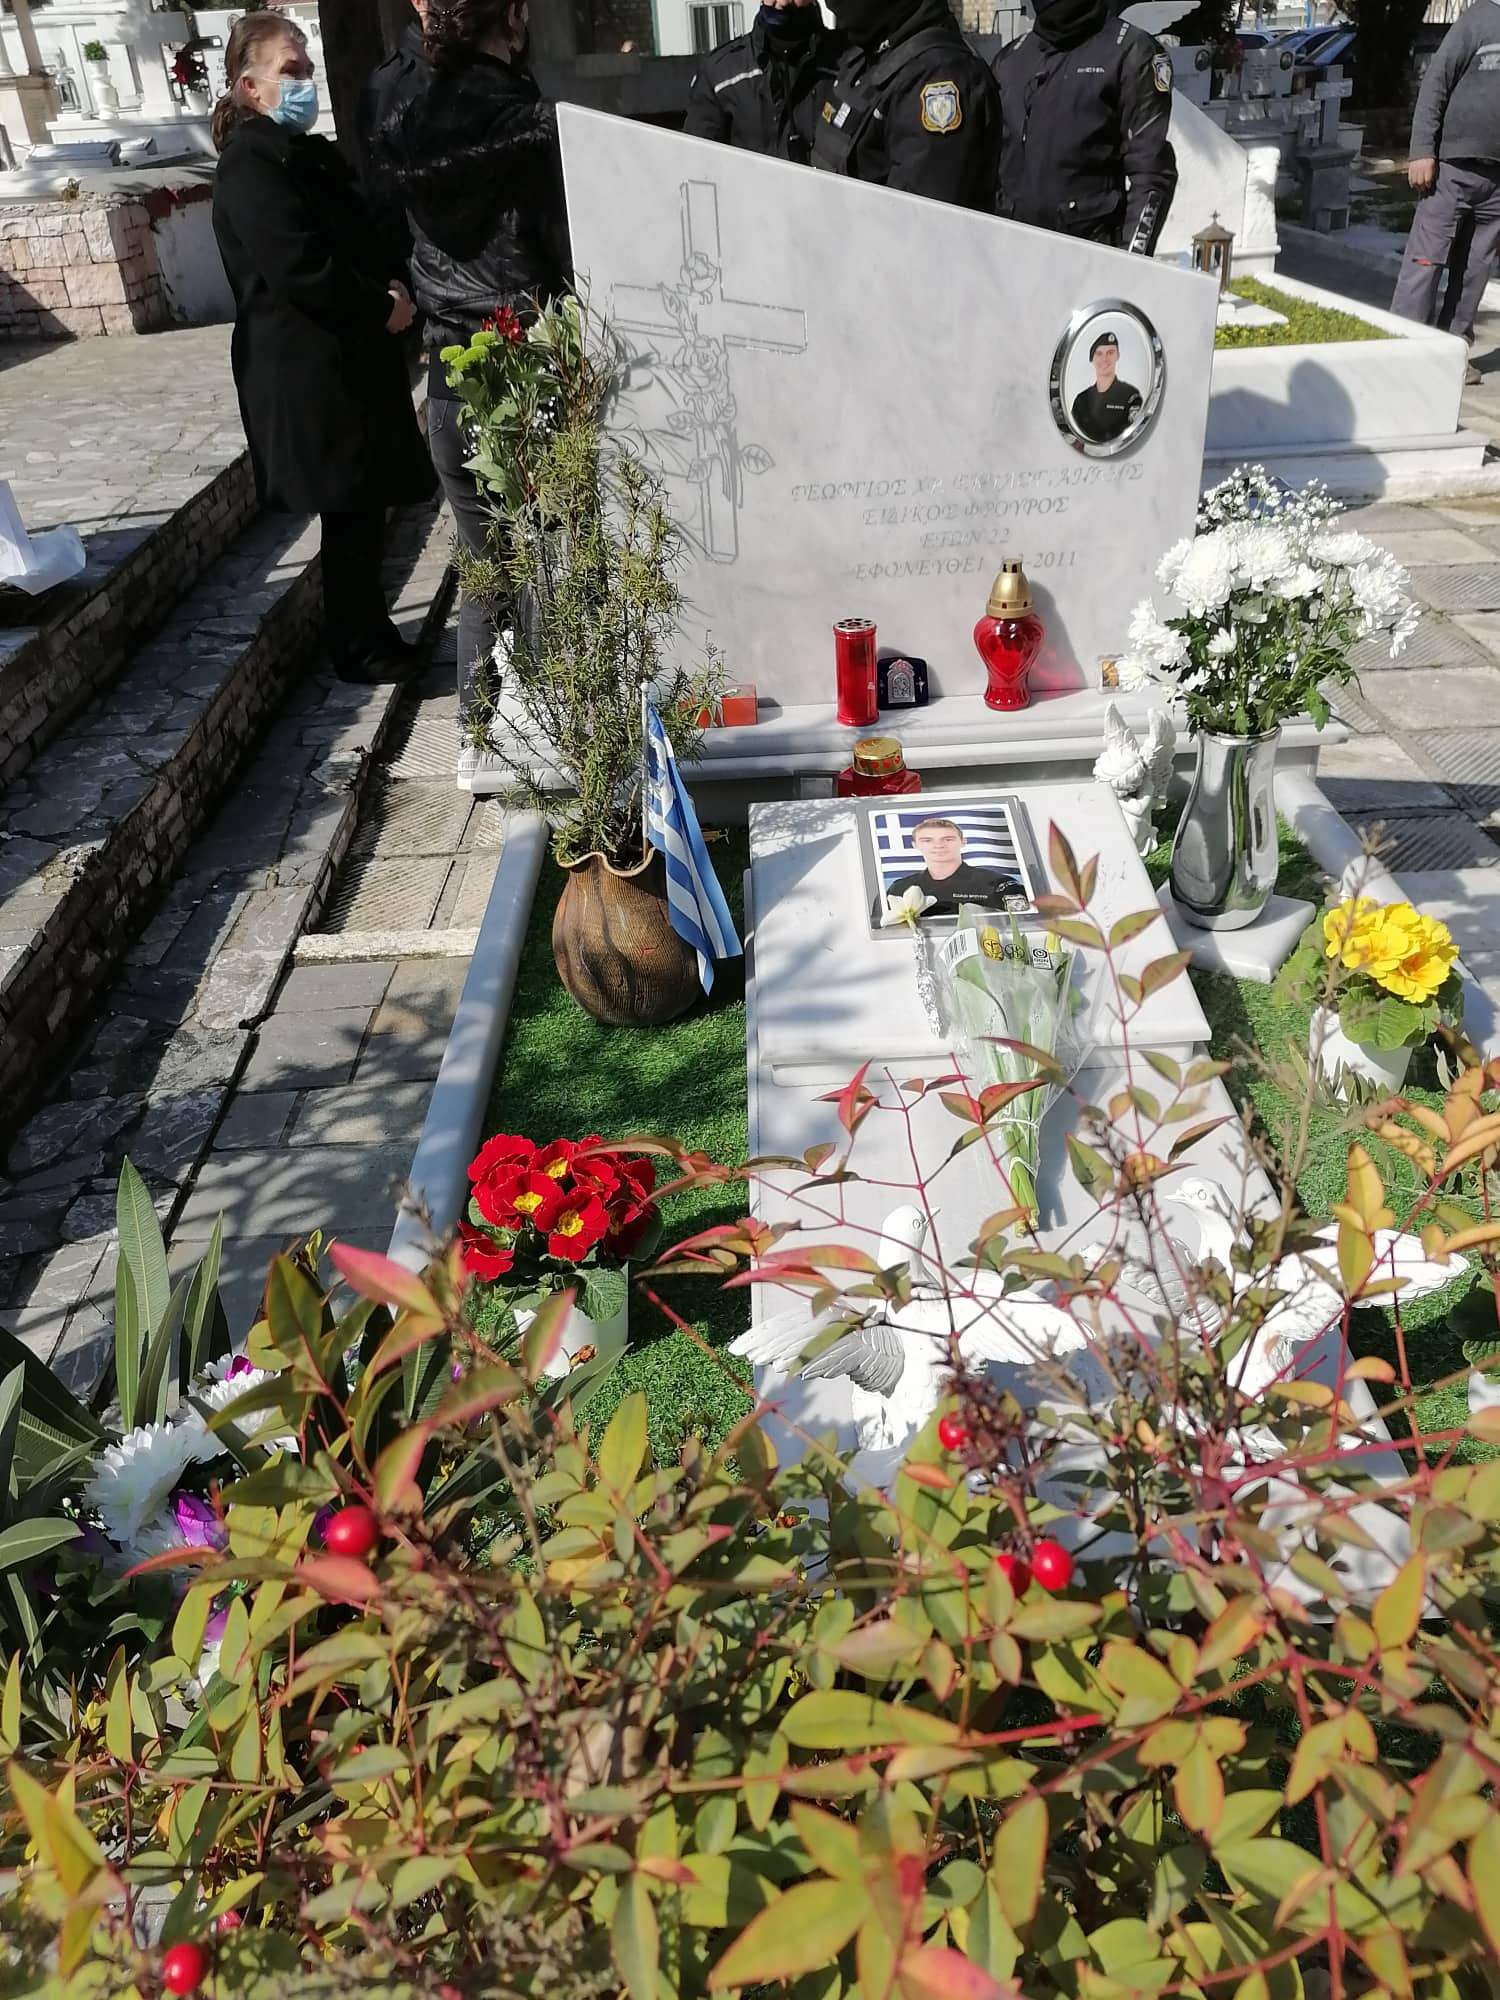 Τρίκαλα: Ράγισαν οι πέτρες στο μνημόσυνο για τον αδικοχαμένο αστυνομικό Γιώργο Σκυλογιάννη (pics)